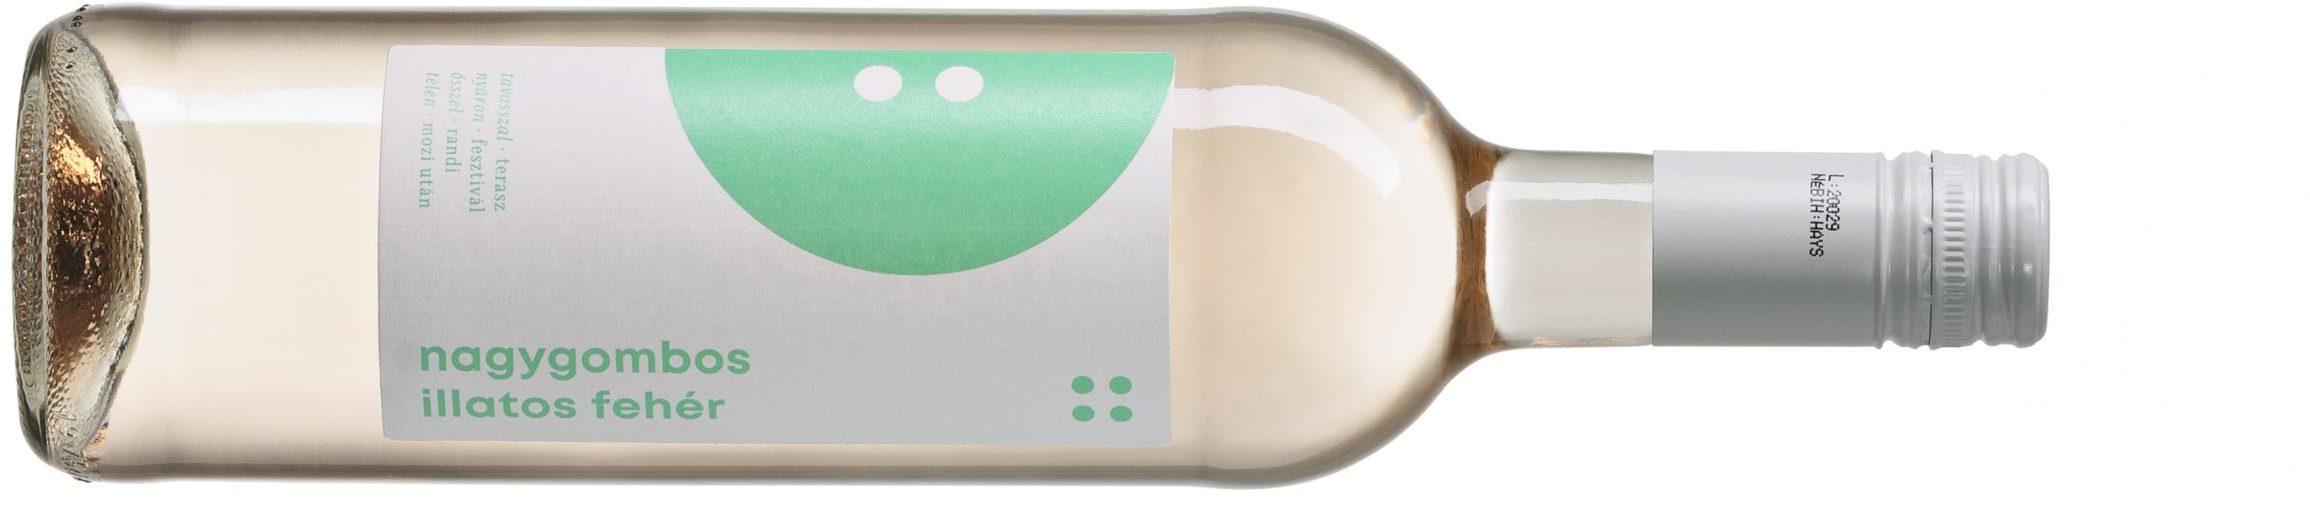 nagygombos-illatos-feher-2019